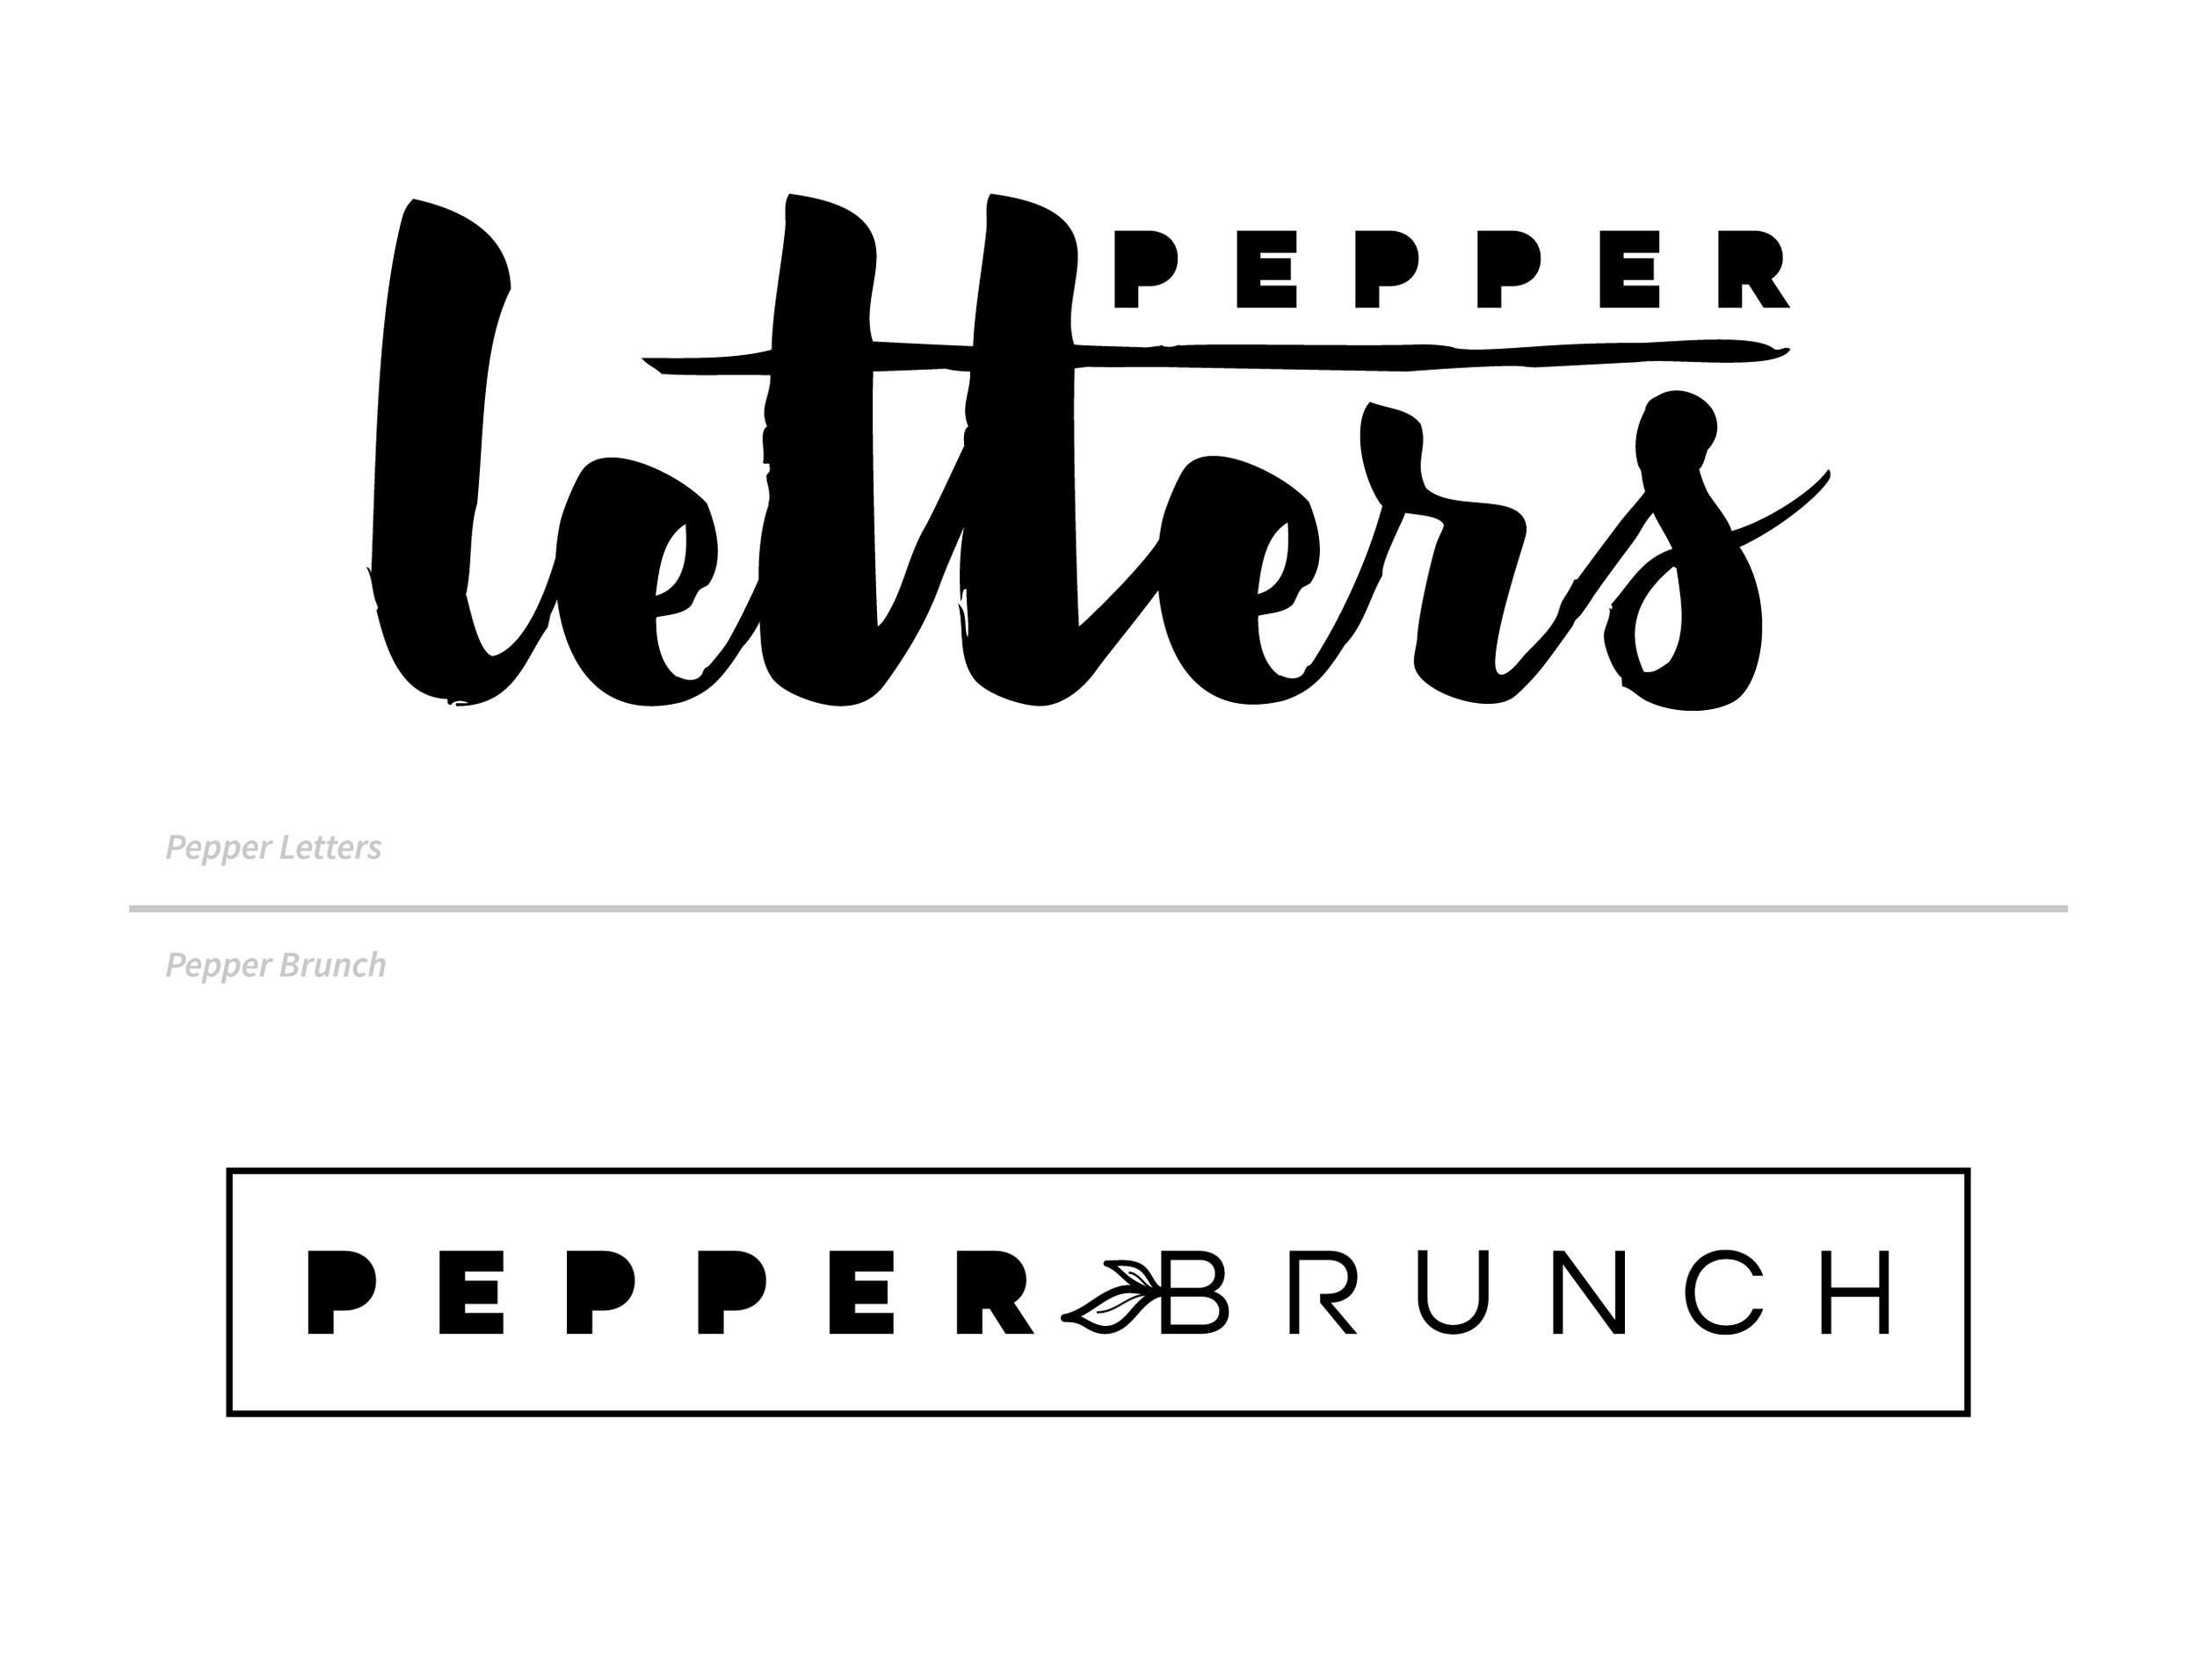 LettersBrunch